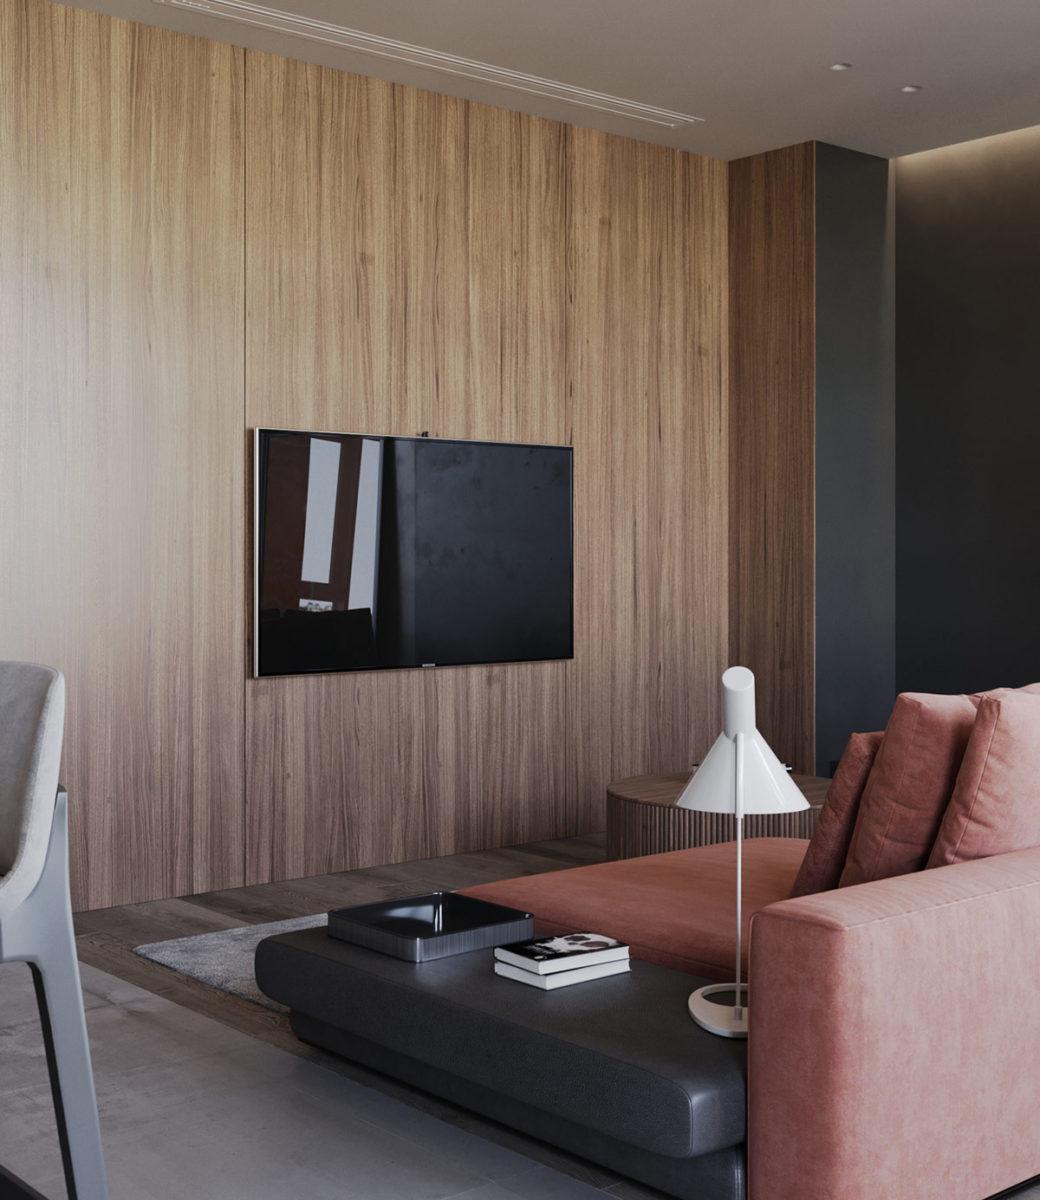 abbellire-parete-tv-legno-4